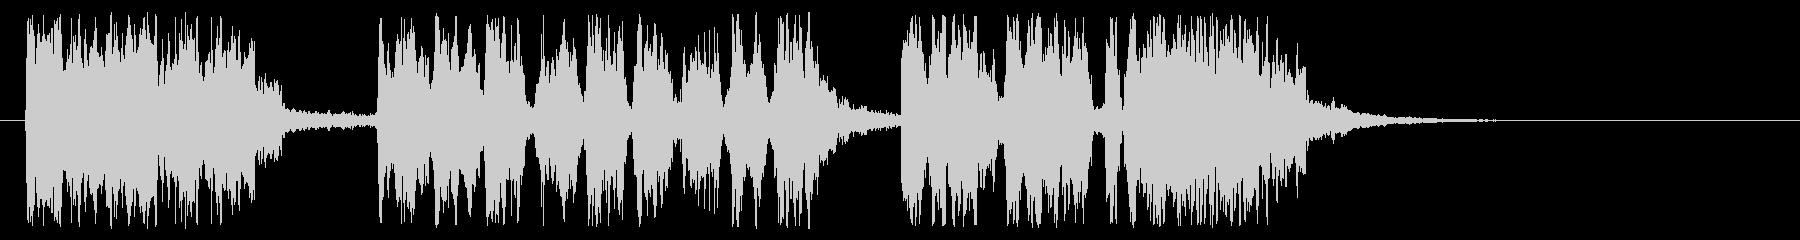 キリスト教のトランペットの未再生の波形